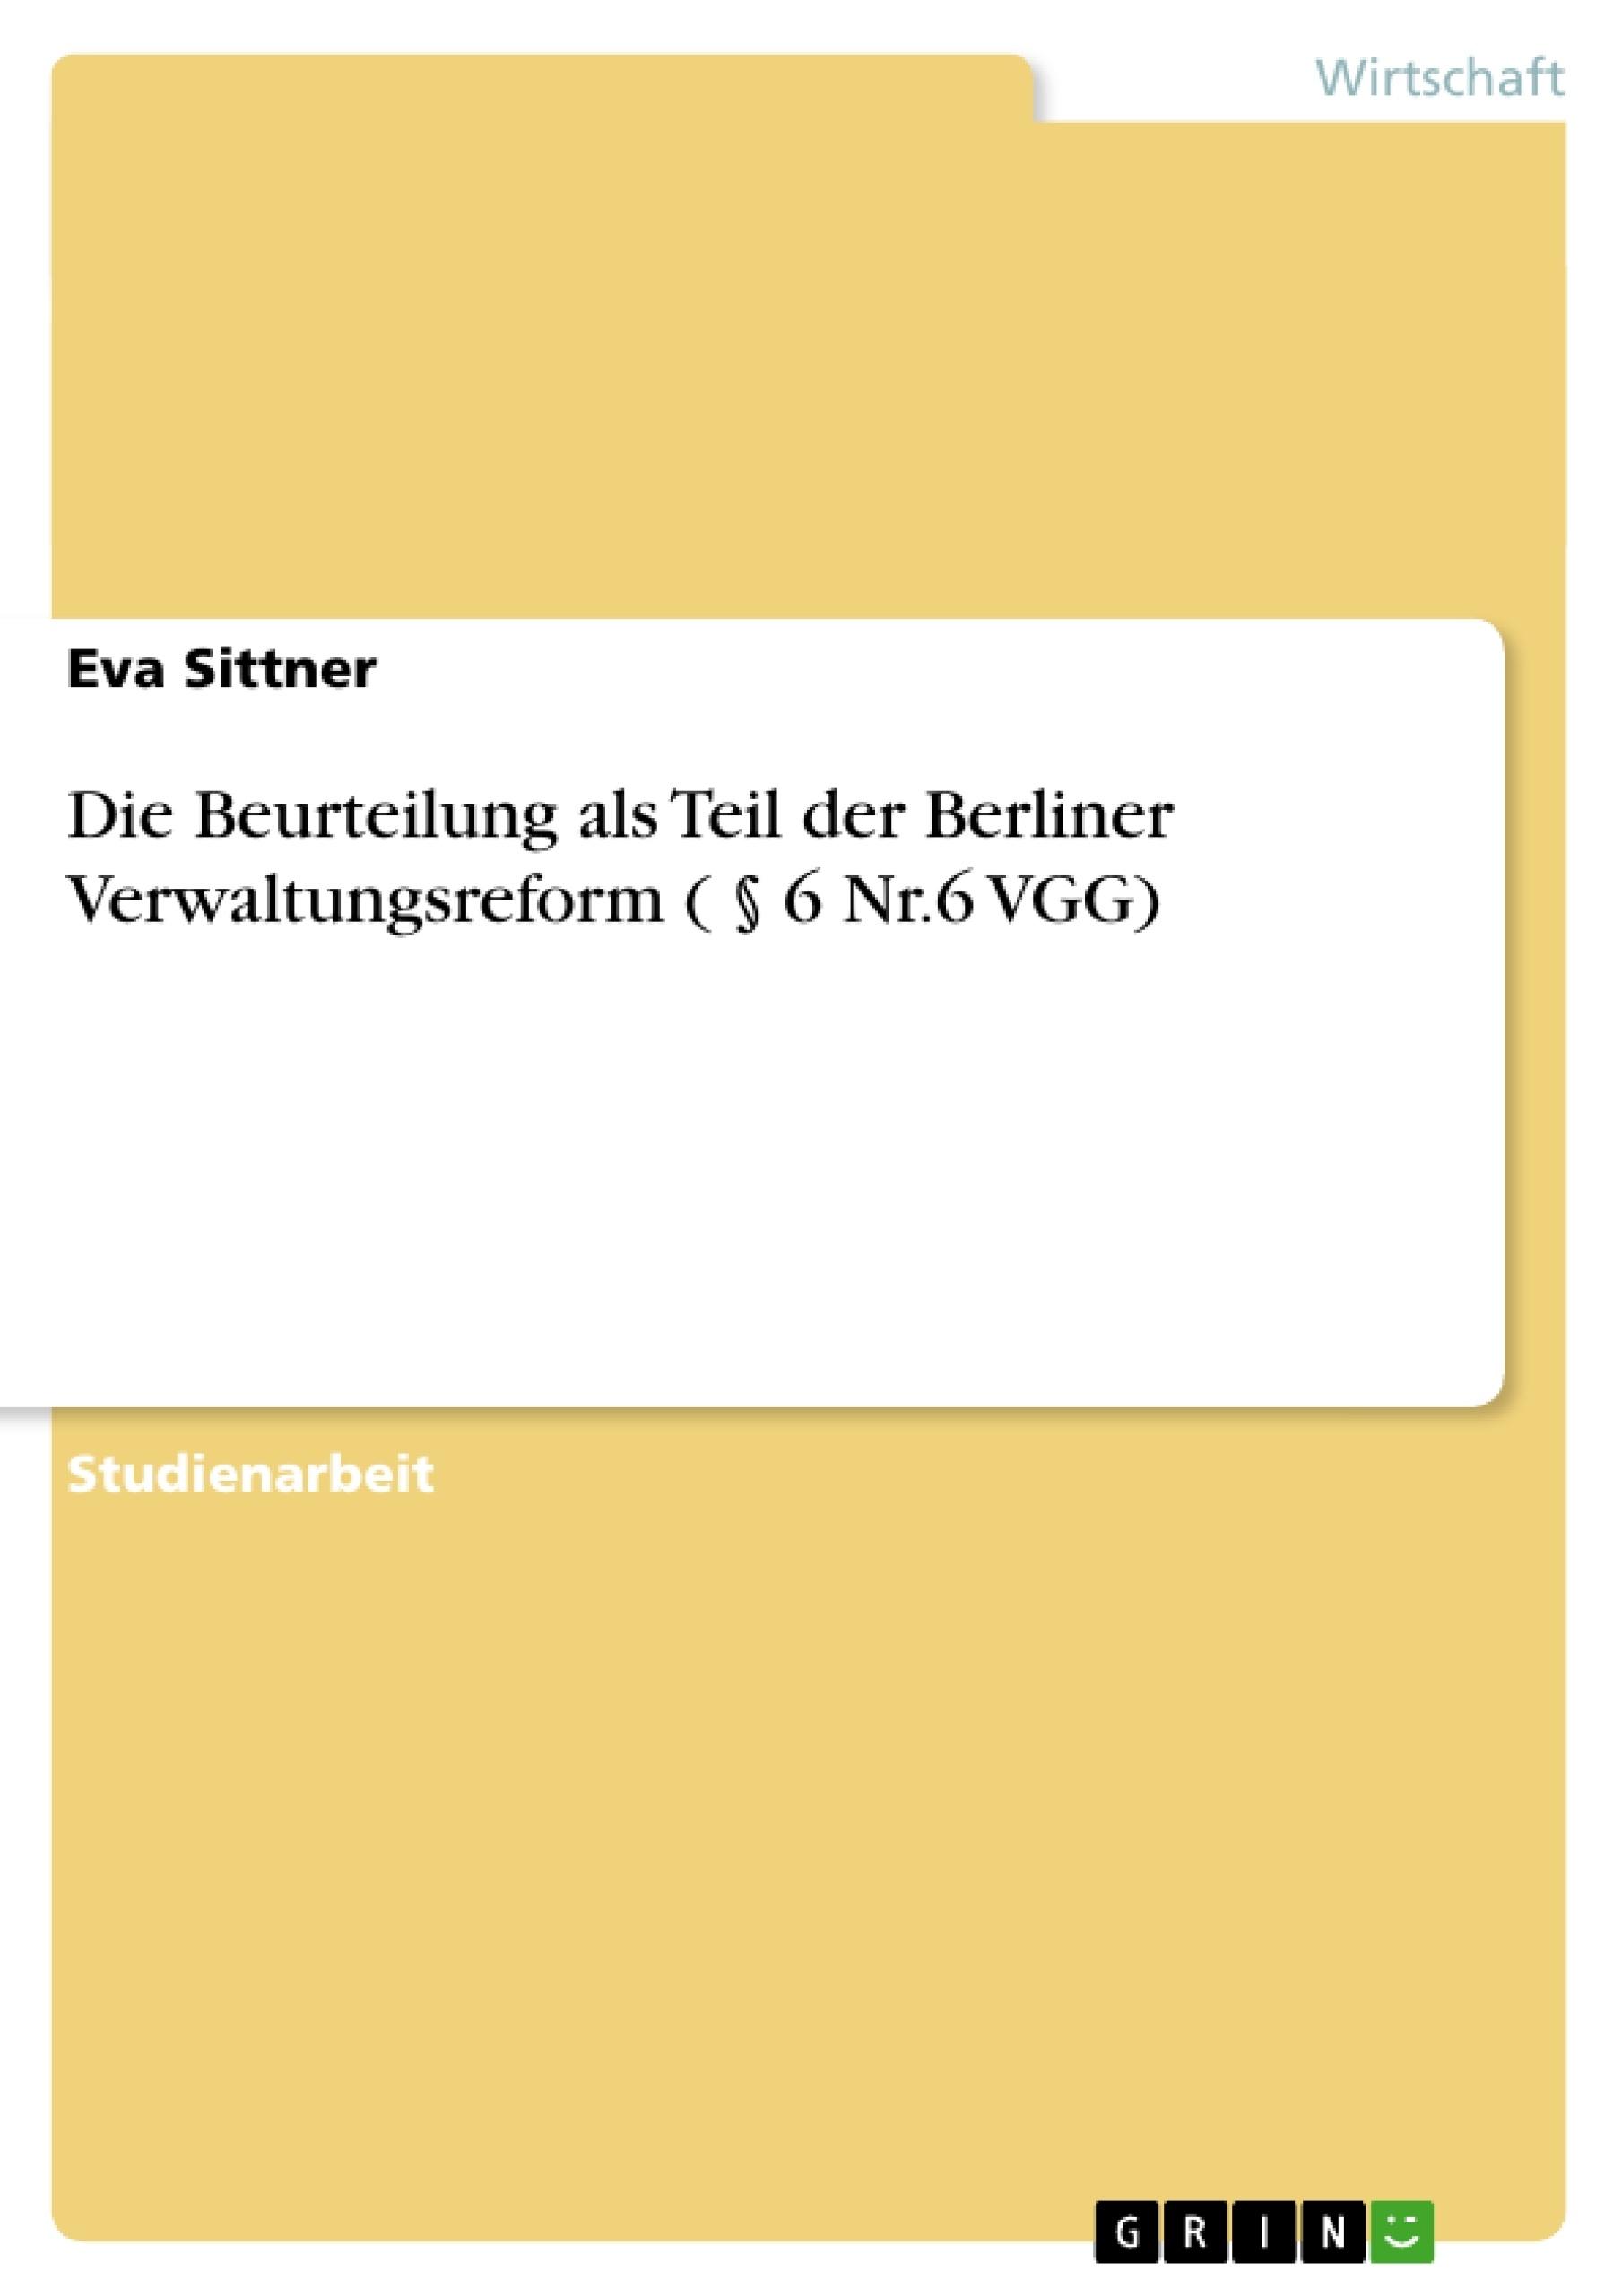 Titel: Die Beurteilung als Teil der Berliner Verwaltungsreform ( § 6 Nr.6 VGG)